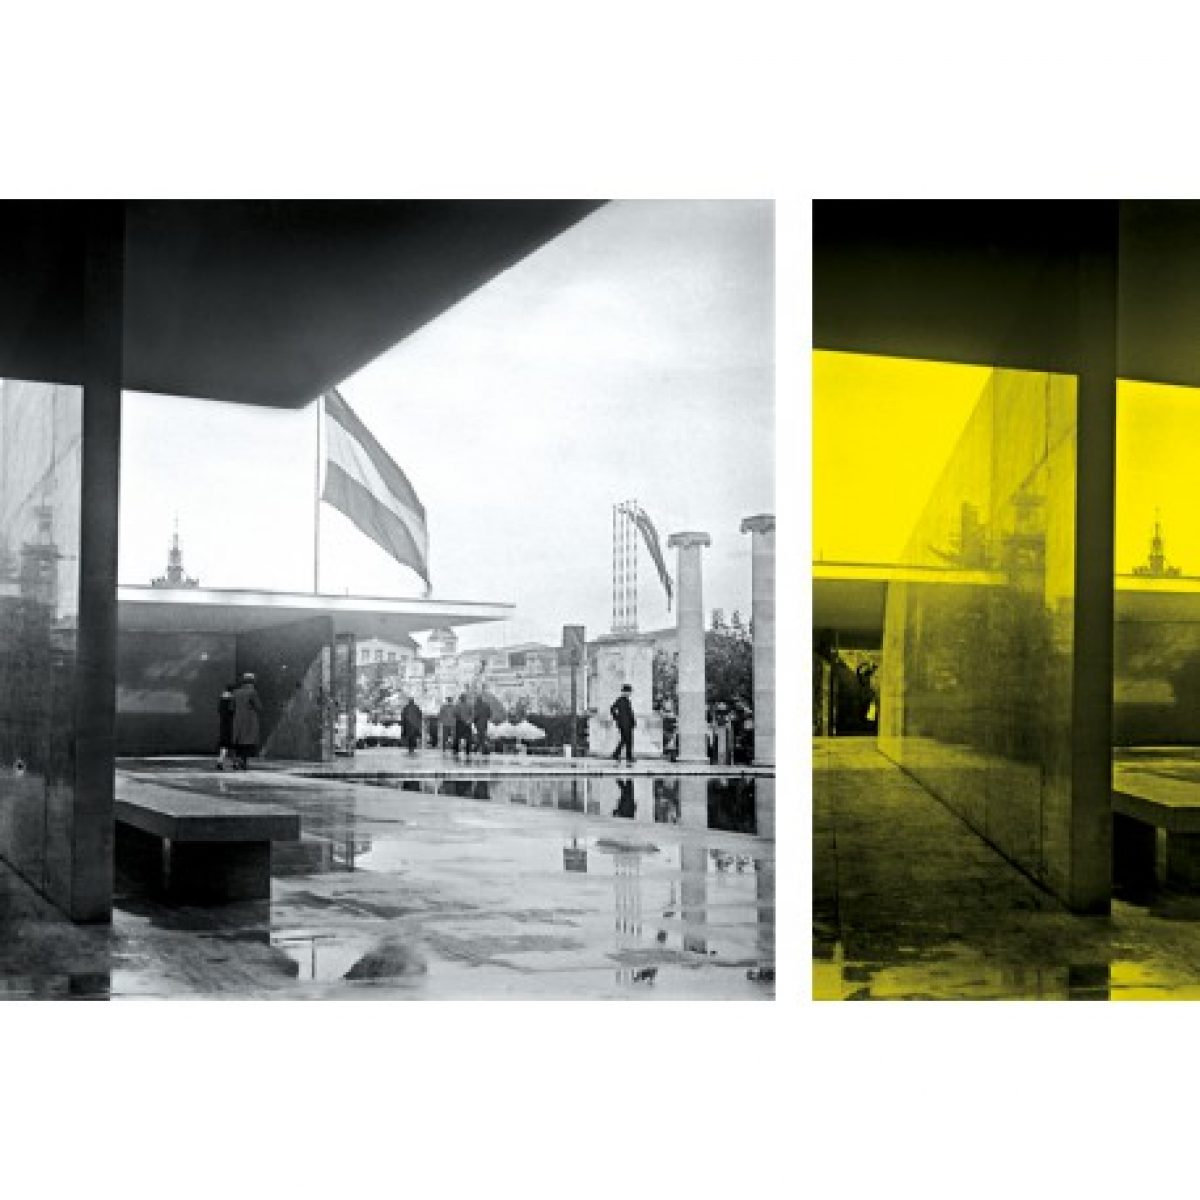 Συνέδριο Mies van der Rohe Barcelona 1929, 13, 14 και 15 Οκτωβρίου 2016